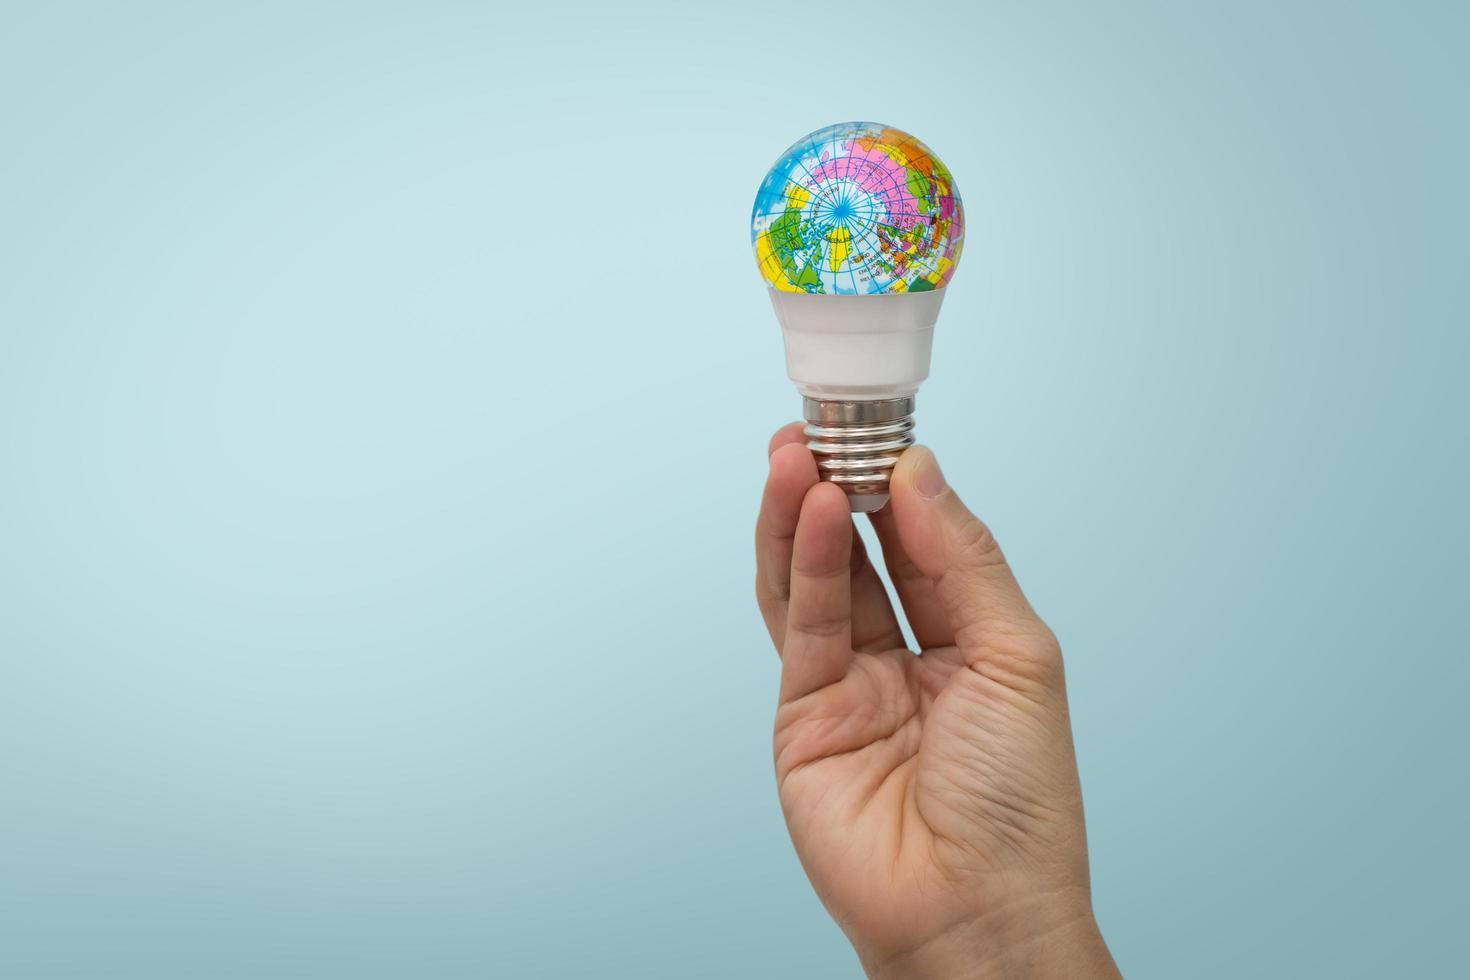 mano sta tenendo una lampadina del globo foto